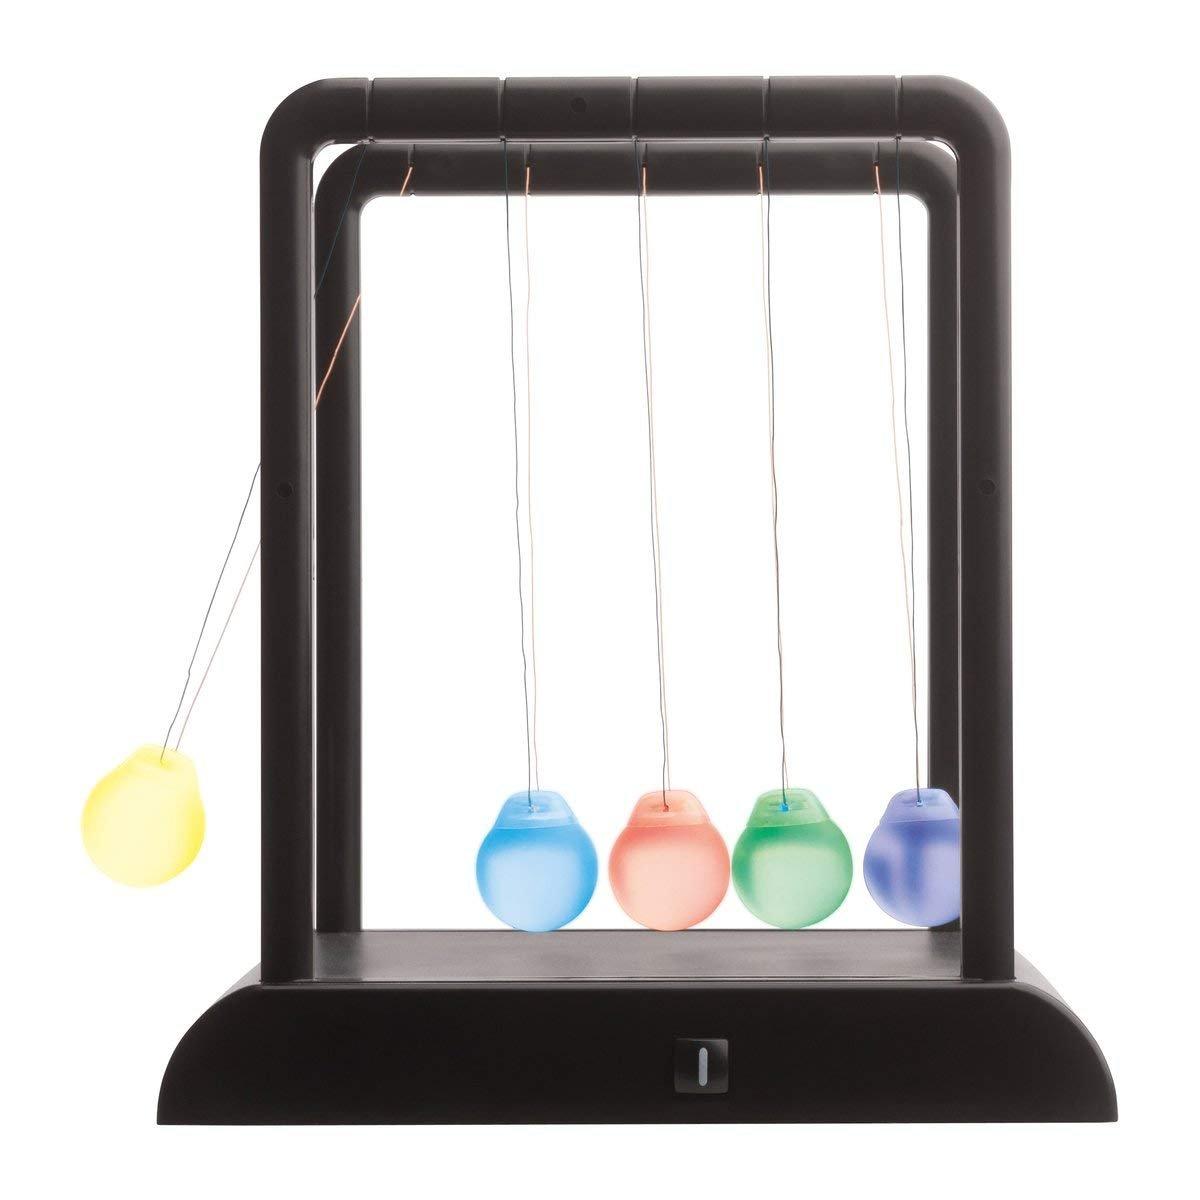 Newton Pendel Kugelspiel Kugelstosspendel mit LED Mood Light Beleuchtung von notrash2003